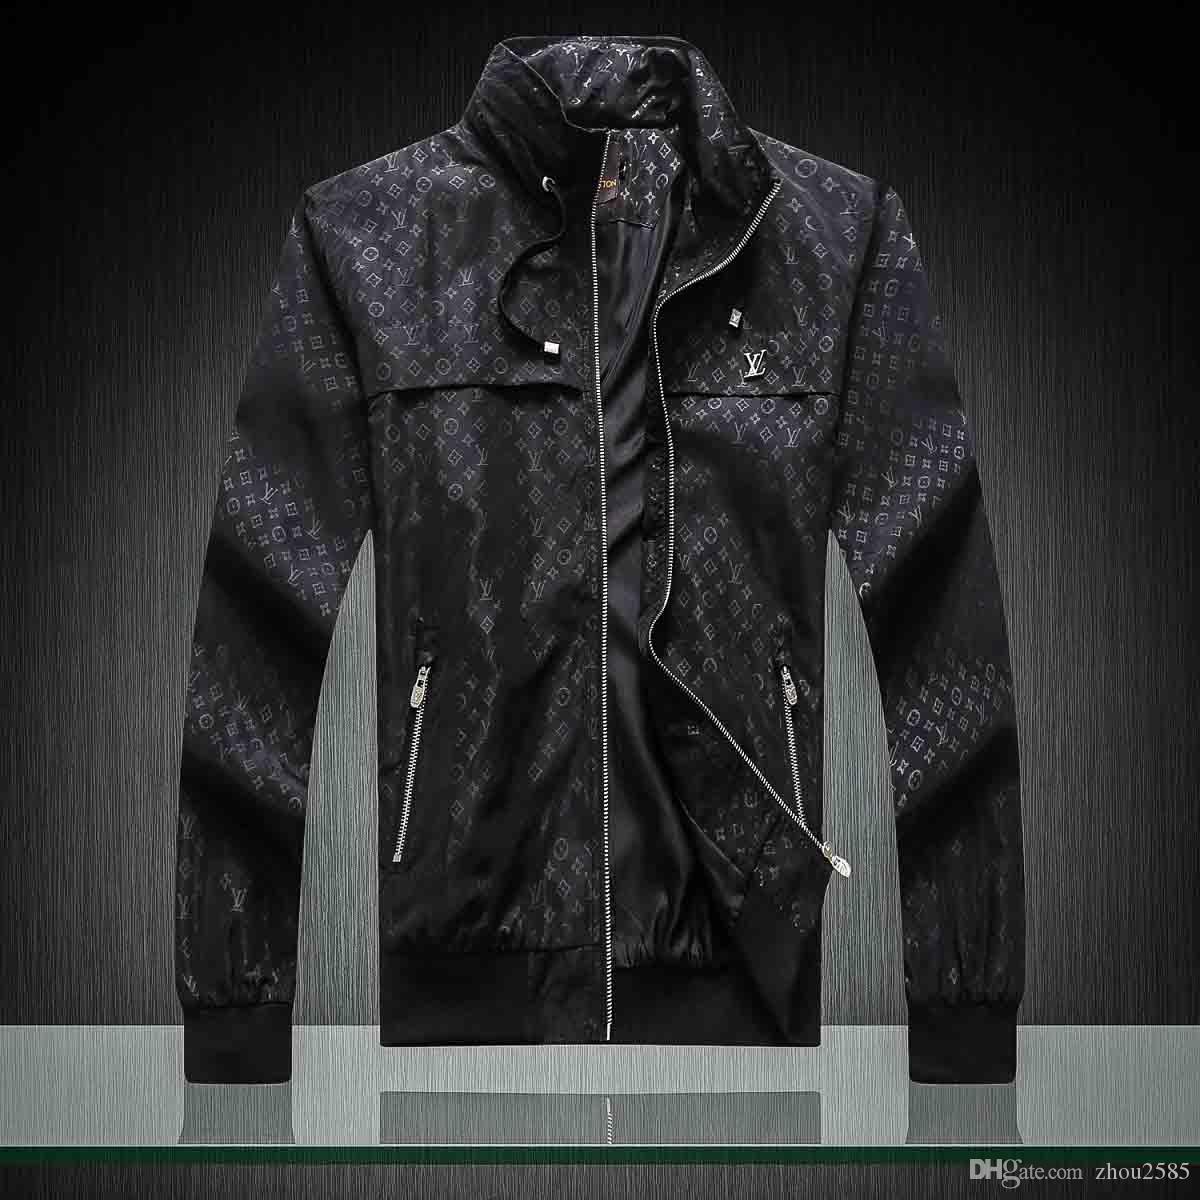 2020 di marca calda giacca a vento giacca con cappuccio abbigliamento cerniera uomini a maniche lunghe con la lettera animale ricamo serpente vestire M-4XL